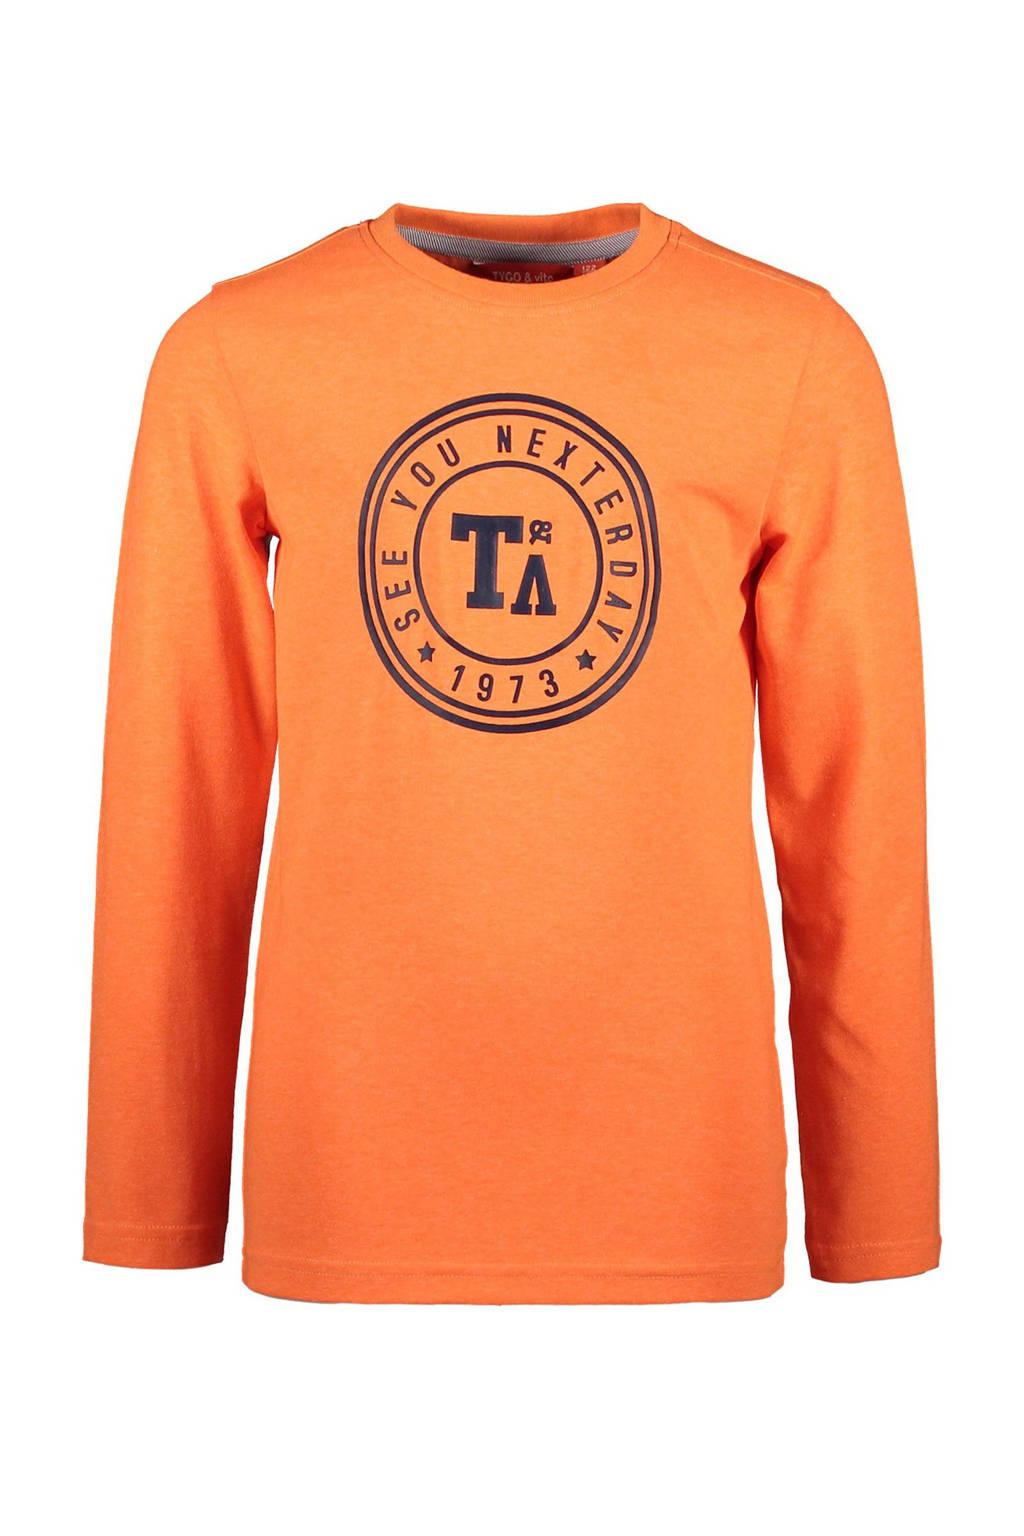 TYGO & vito longsleeve met logo oranje, Oranje